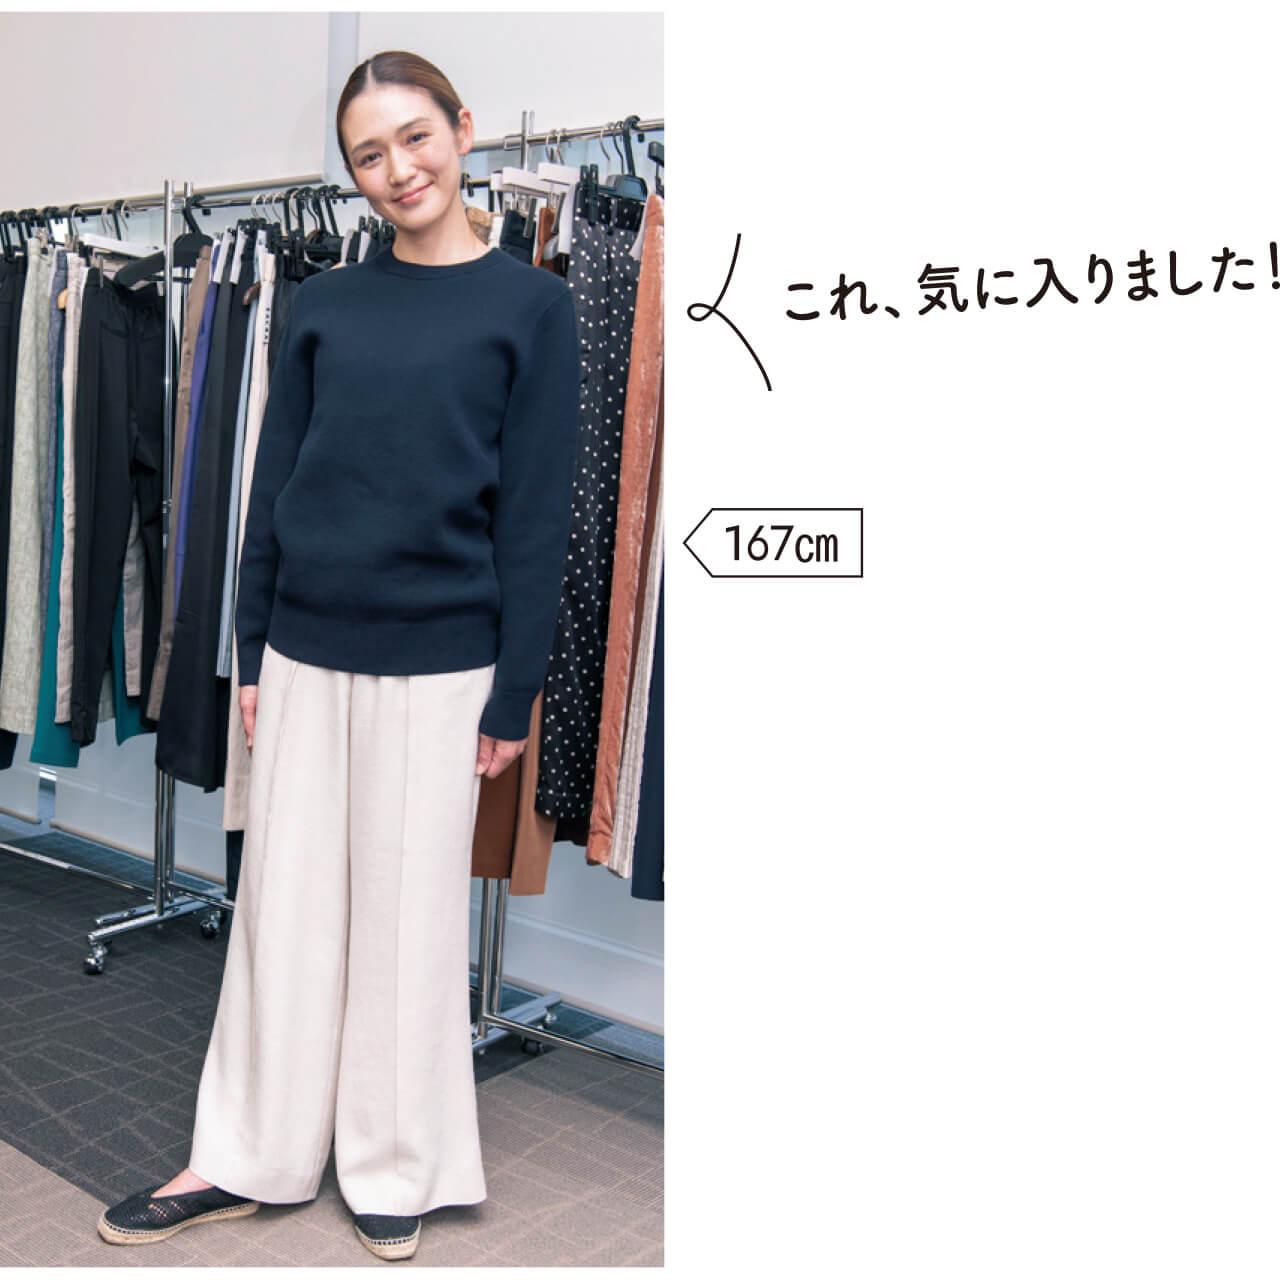 167cm LEEキャラクター大橋さん「これ、気に入りました!」